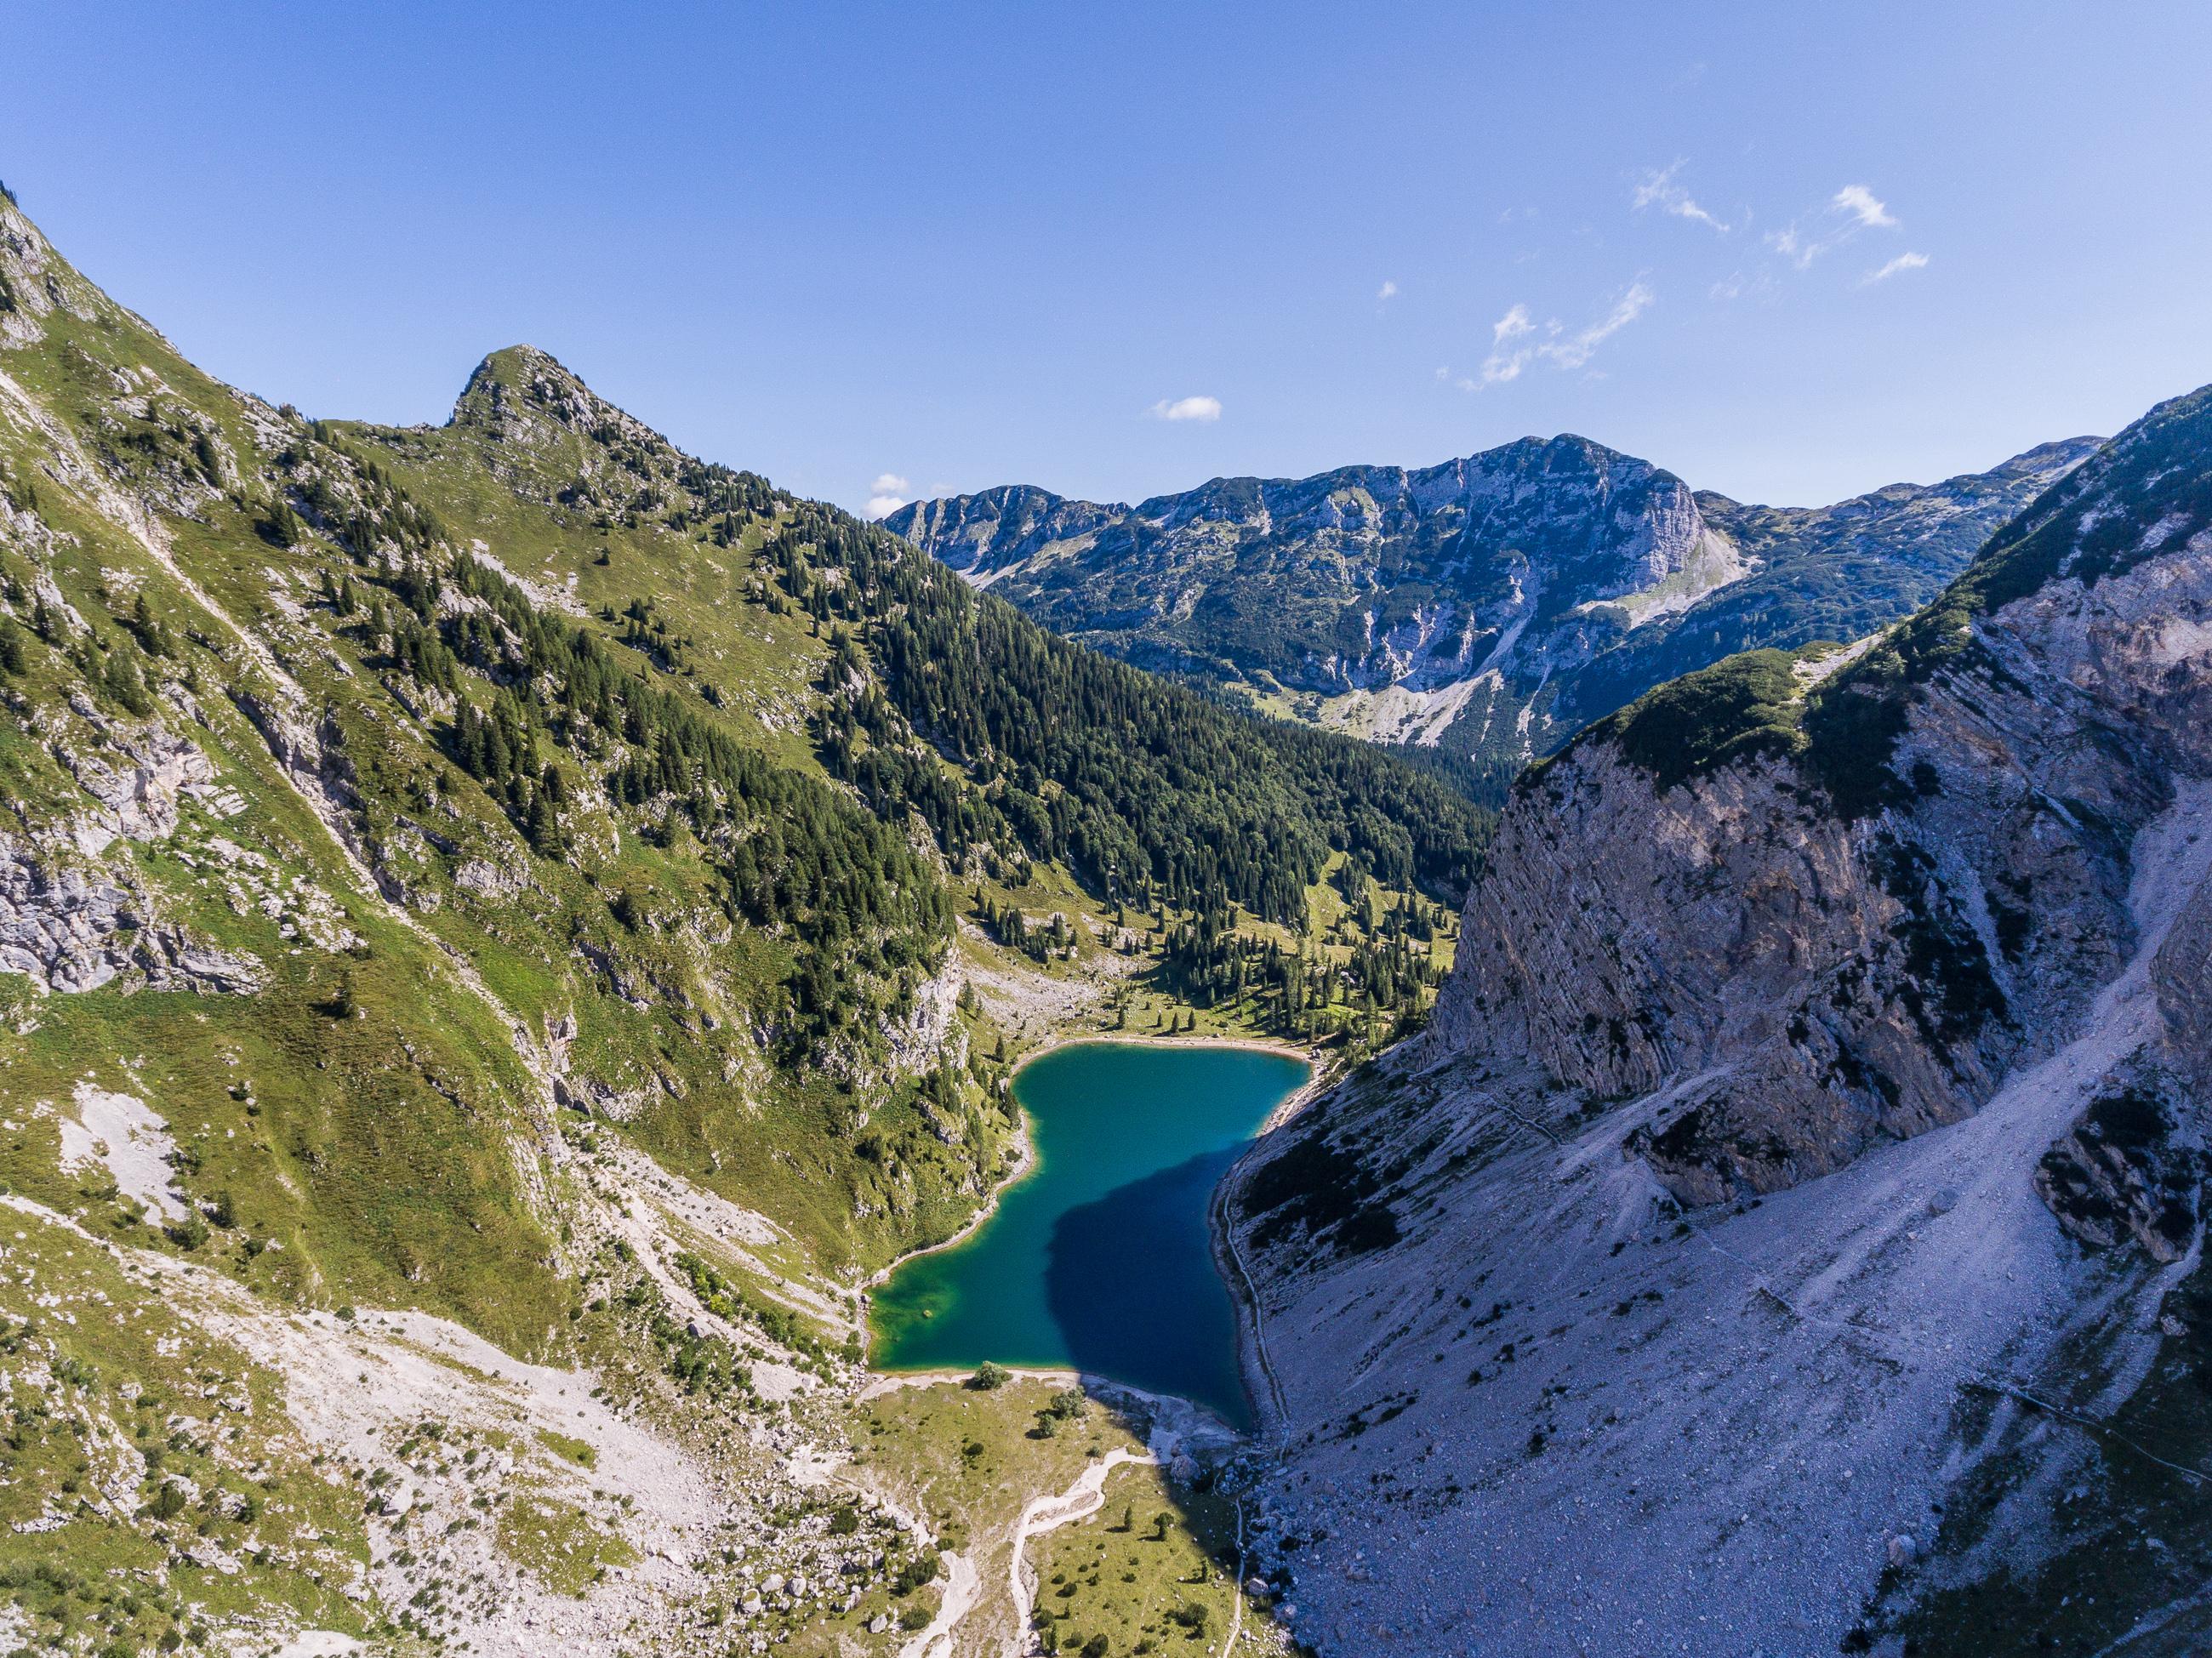 Triglav National Park - www.jusmedic.com